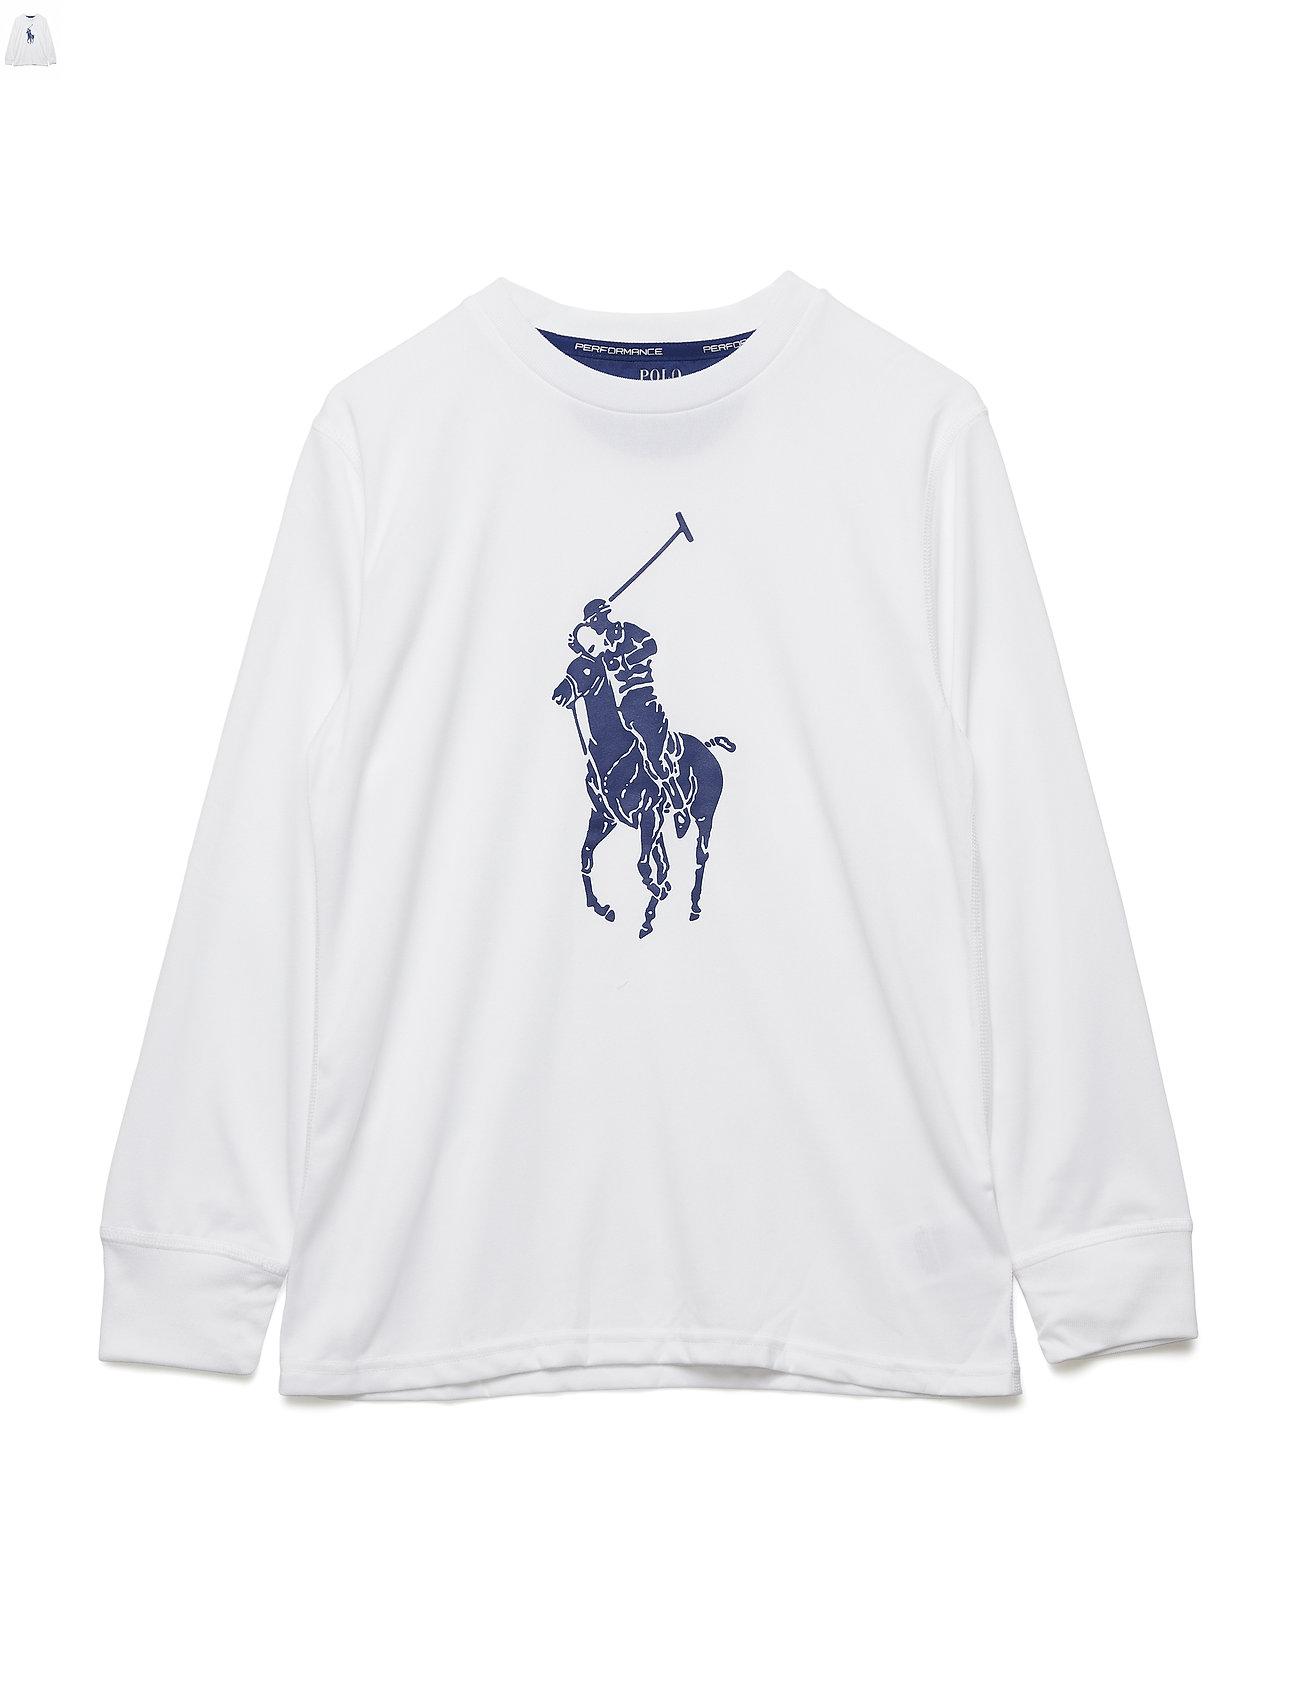 634cbb2d Performance Jersey T-shirt (Pure White) (£23.10) - Ralph Lauren Kids ...